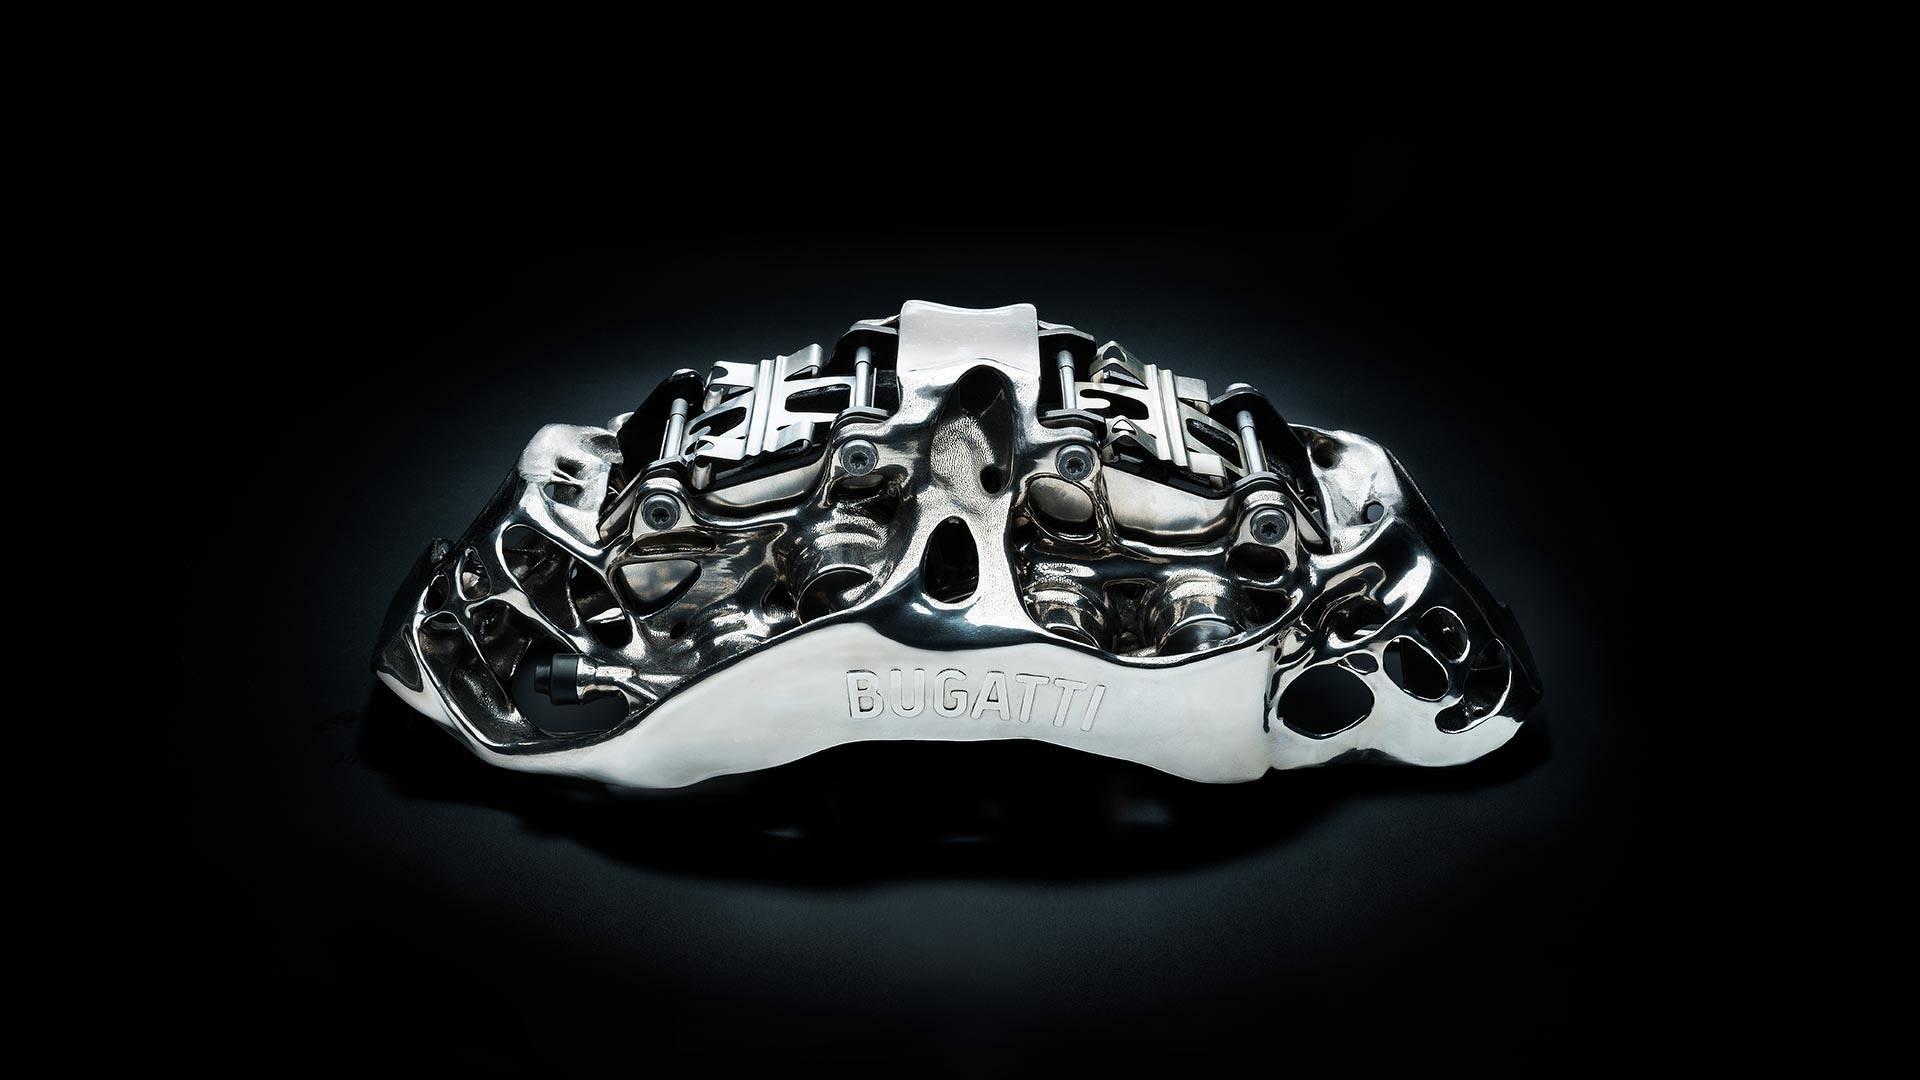 В Bugatti Automobiles успешно испытали напечатанный на 3D принтере тормозной суппорт - 1